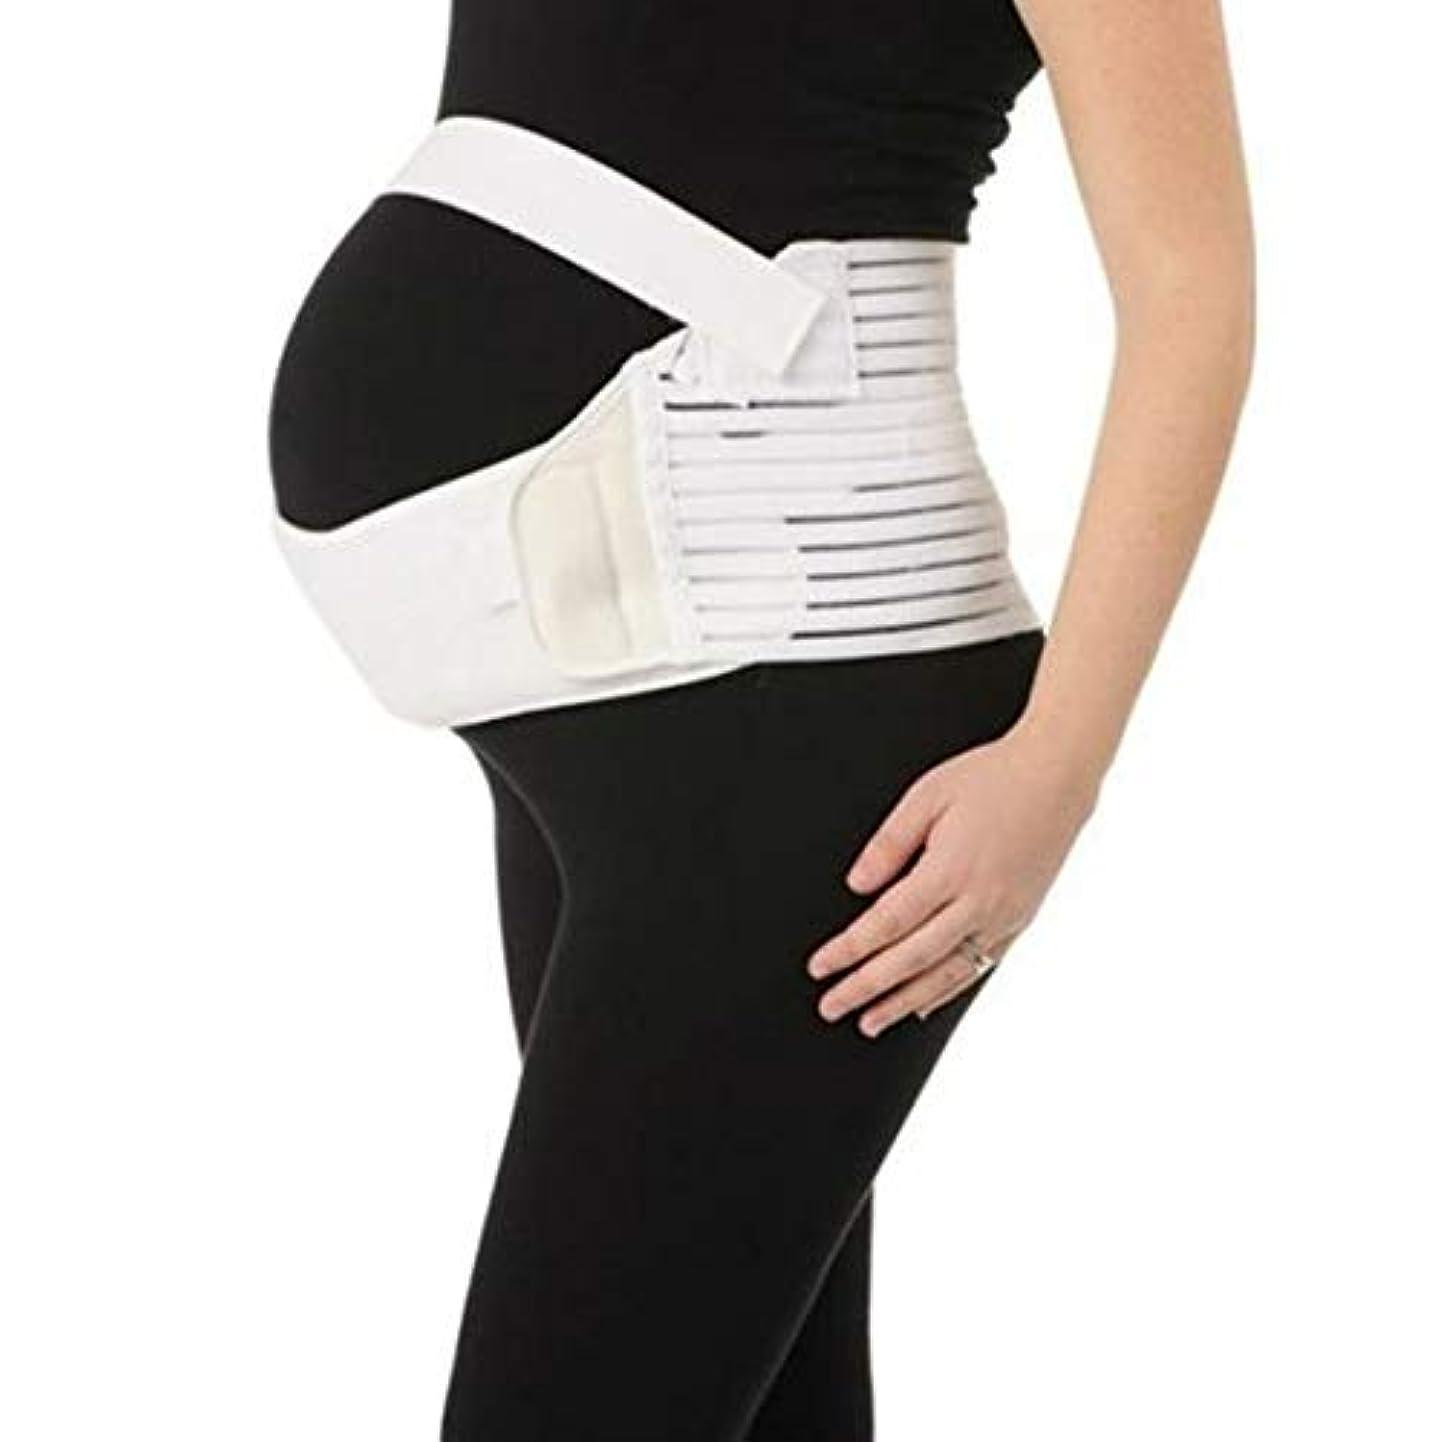 鎮痛剤薬理学ミネラル通気性マタニティベルト妊娠腹部サポート腹部バインダーガードル運動包帯産後回復形状ウェア - ホワイトXL